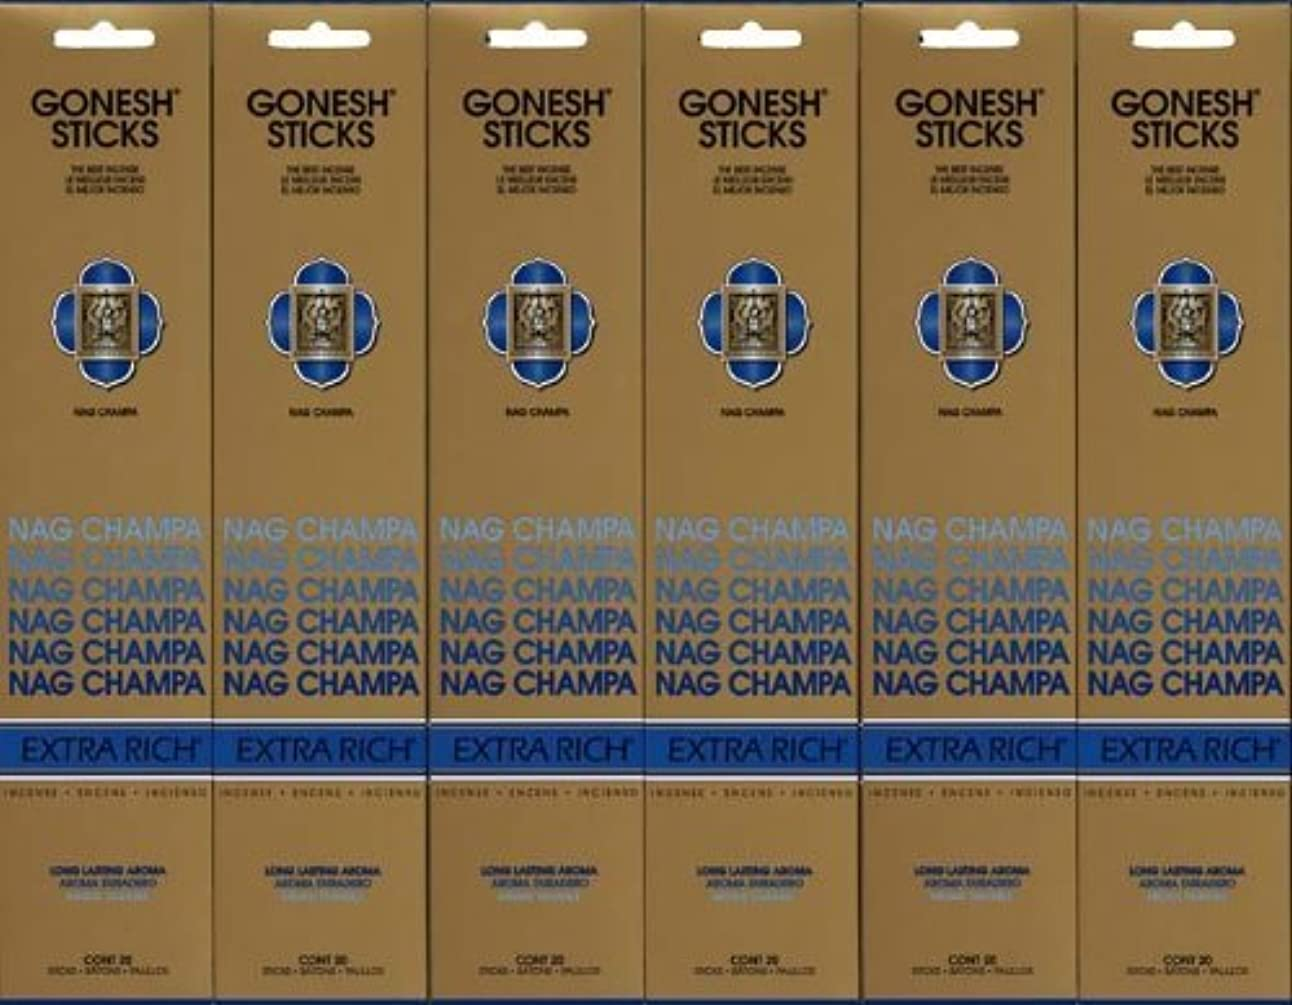 アダルト光のインカ帝国GONESH NAG CHAMPA ナグチャンパ スティック 20本入り X 6パック (120本)